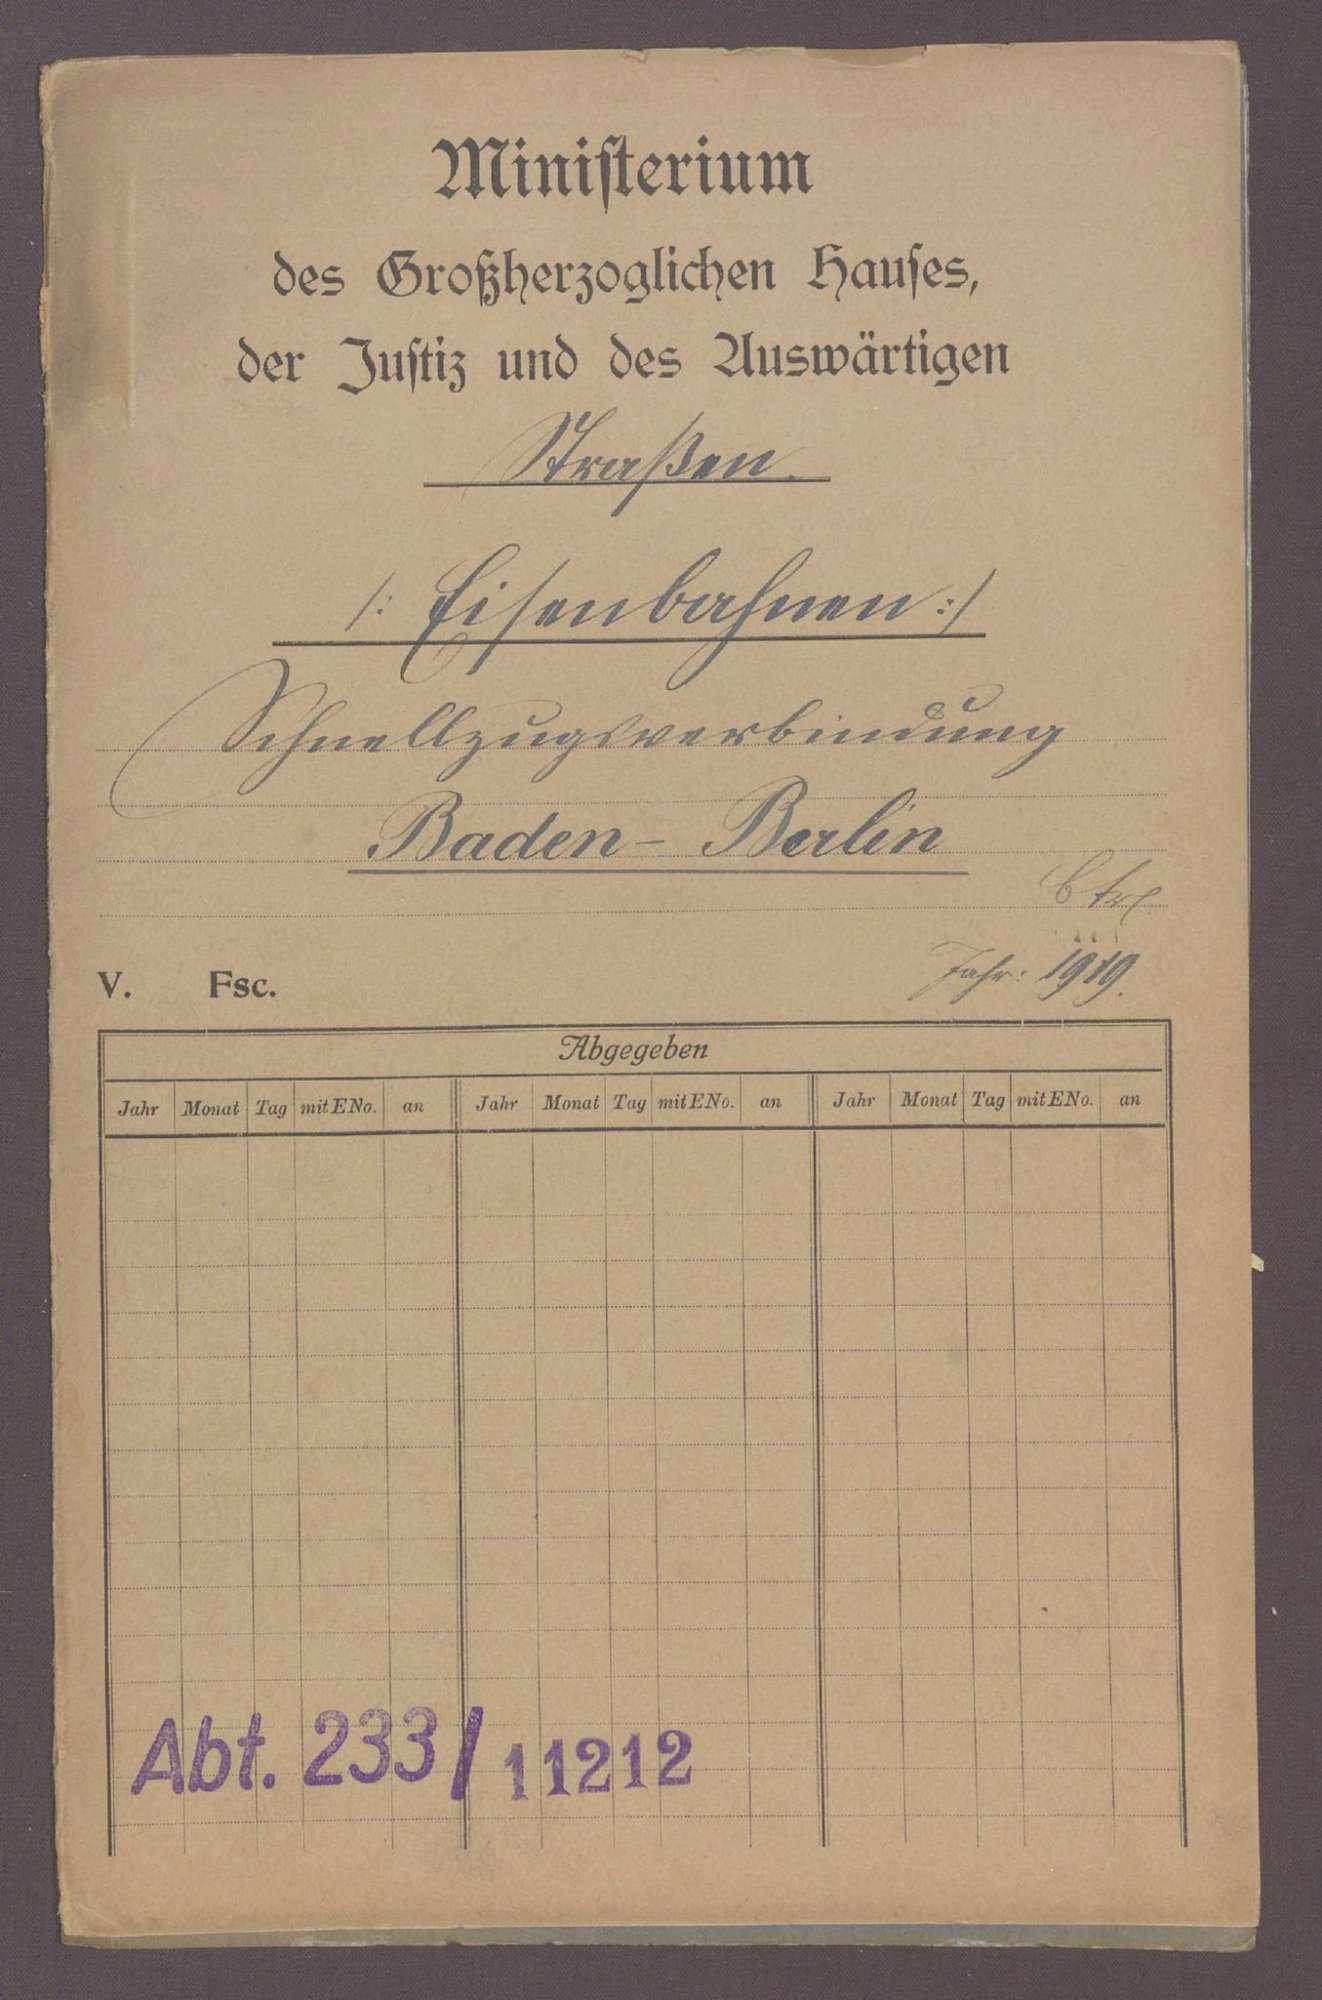 Die Schnellzugverbindung Baden-Berlin, Bild 1